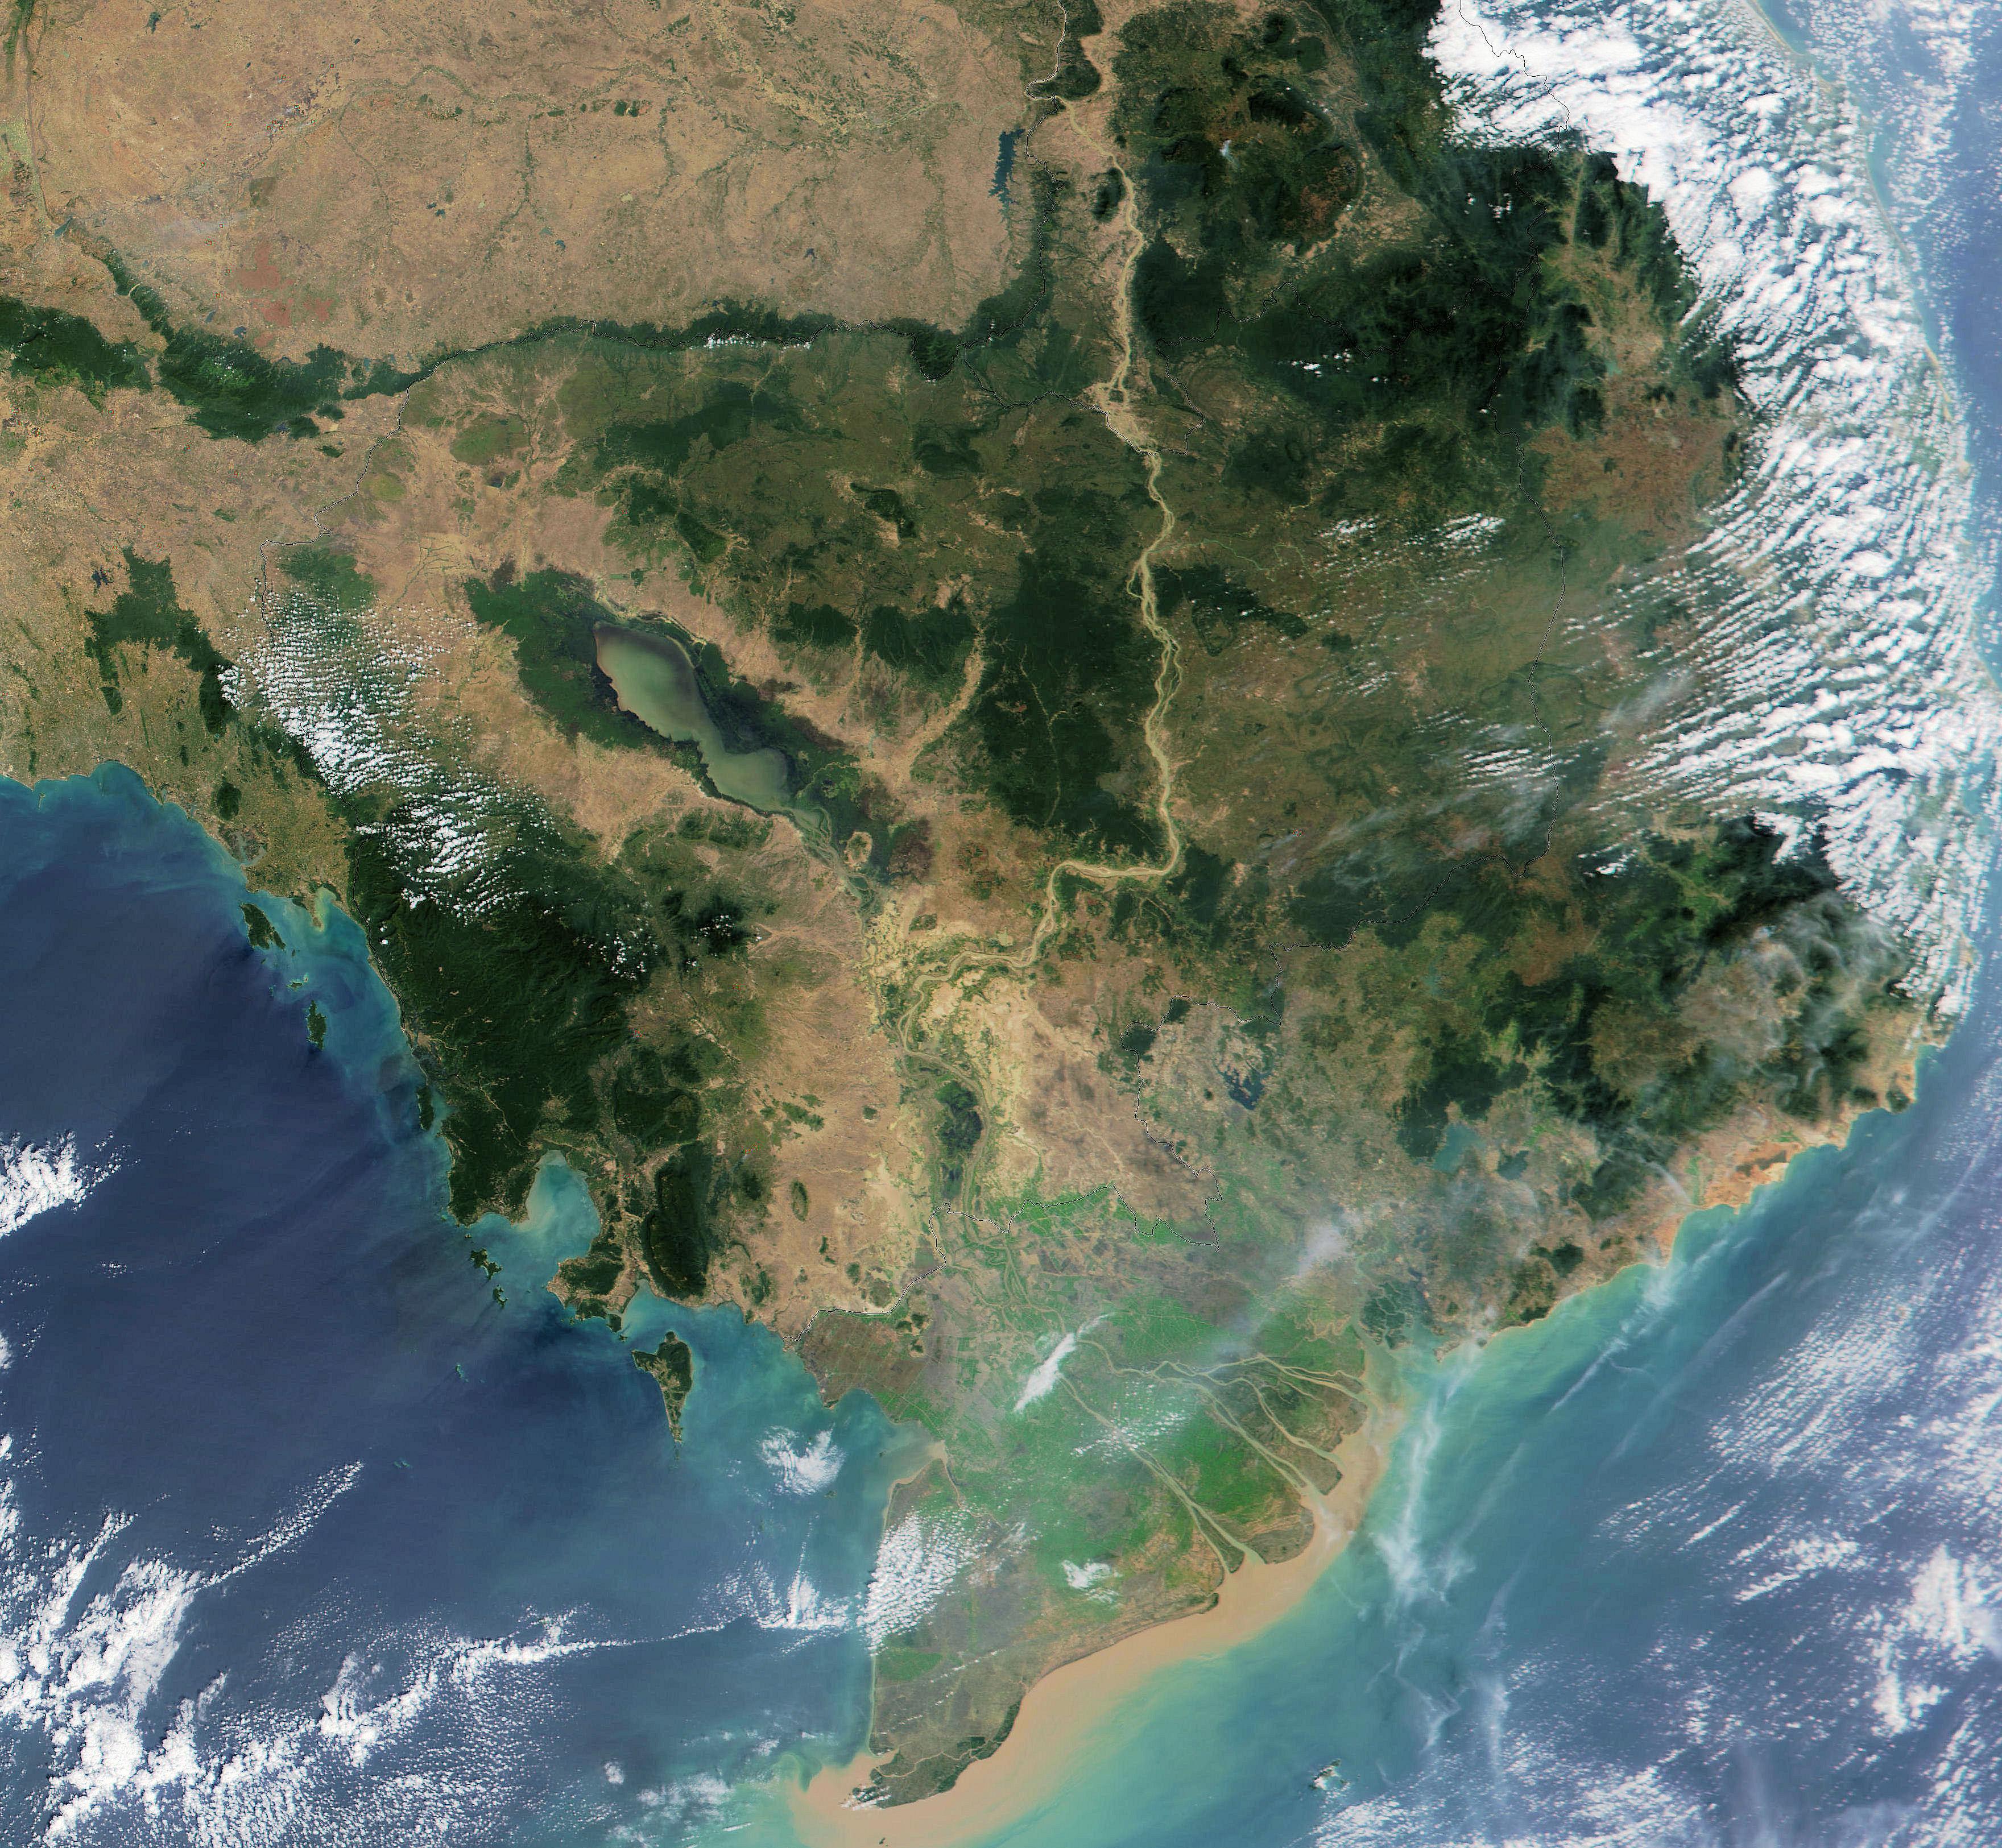 Kambodza Satelliitti Kartta Kartta Kambodza Satelliitti